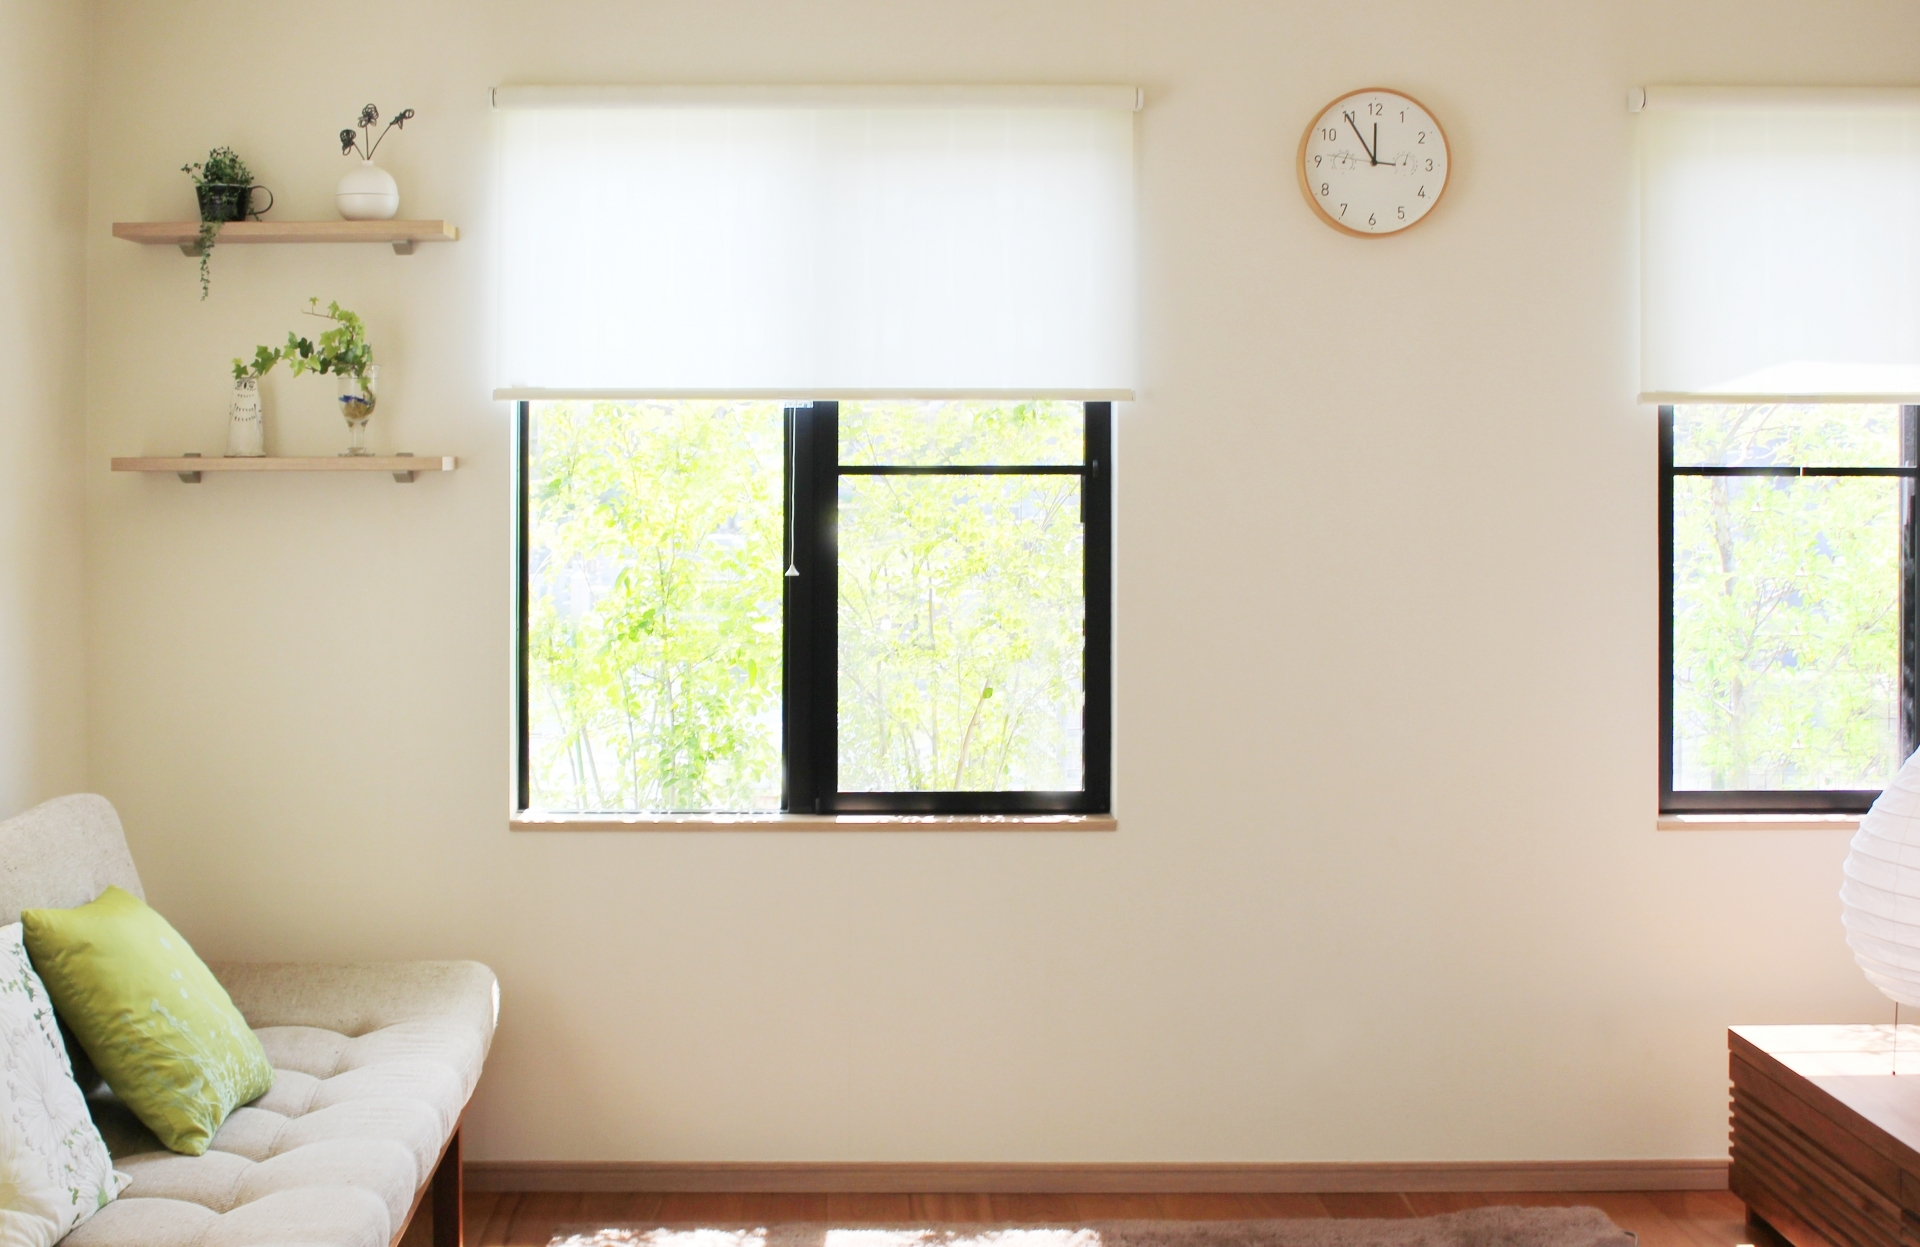 ガラス 交換 | リフォーム前に知っておきたい窓・サッシの基礎知識